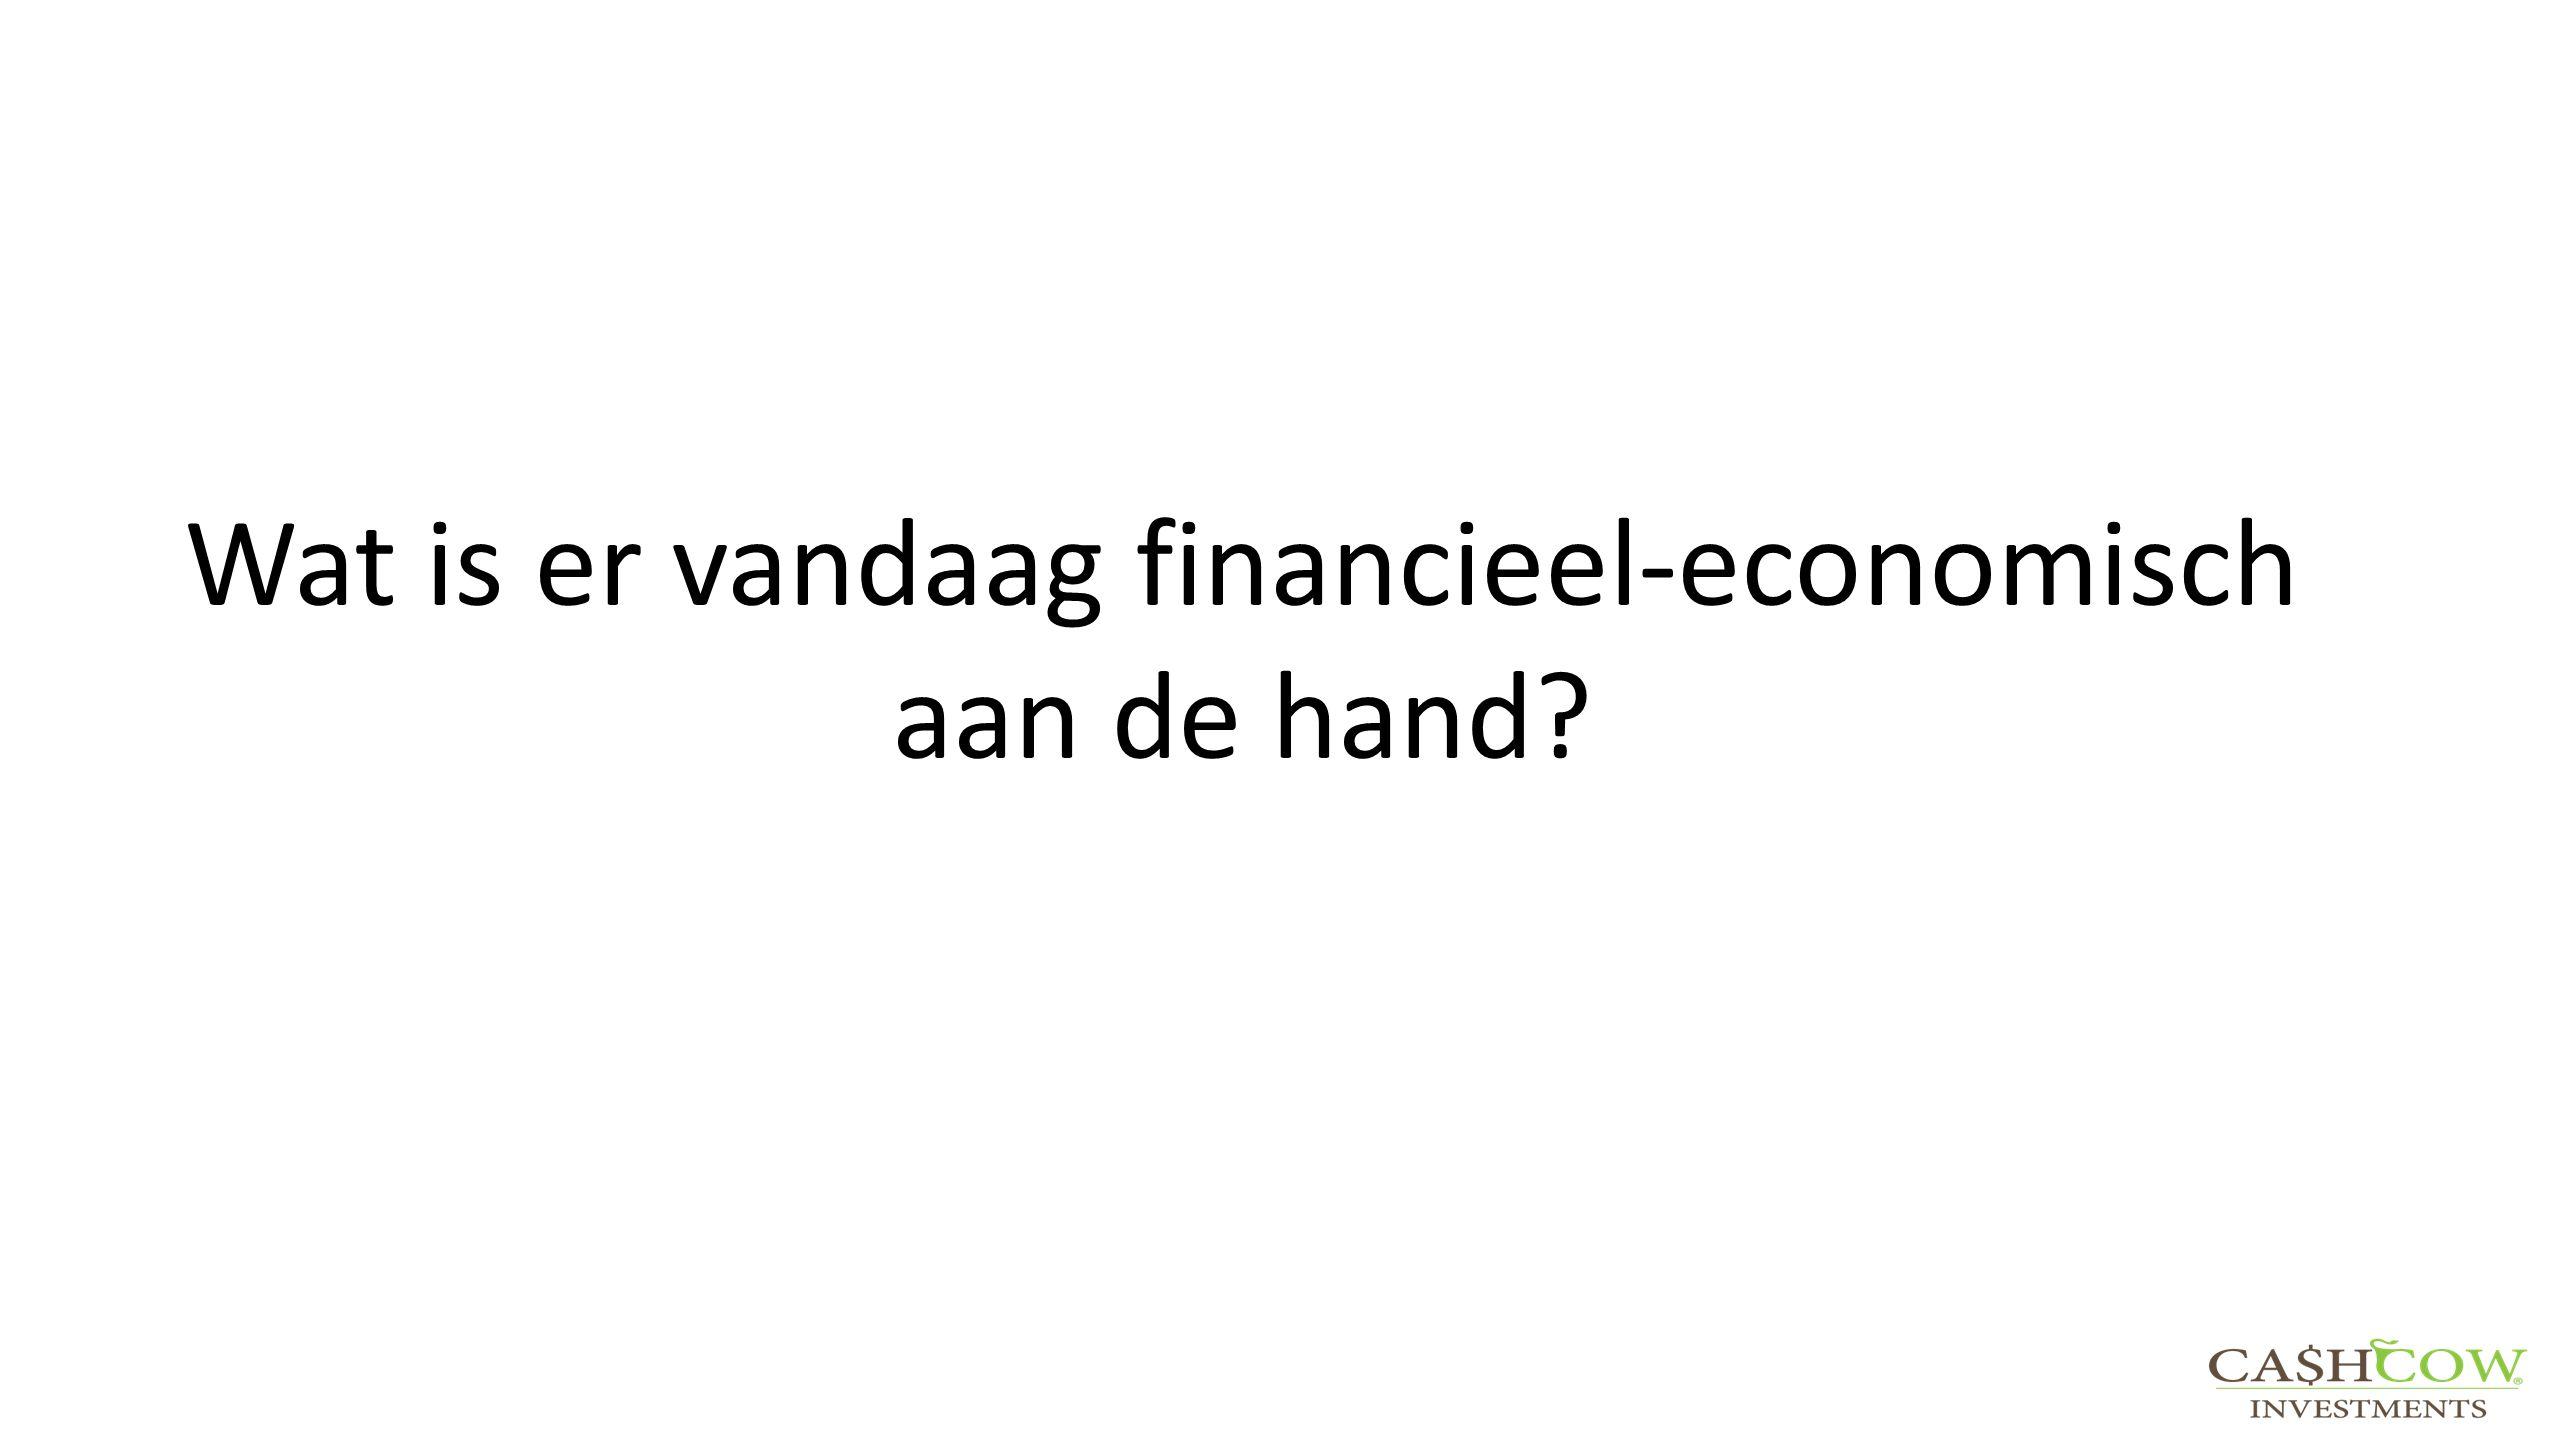 Wat is er vandaag financieel-economisch aan de hand?